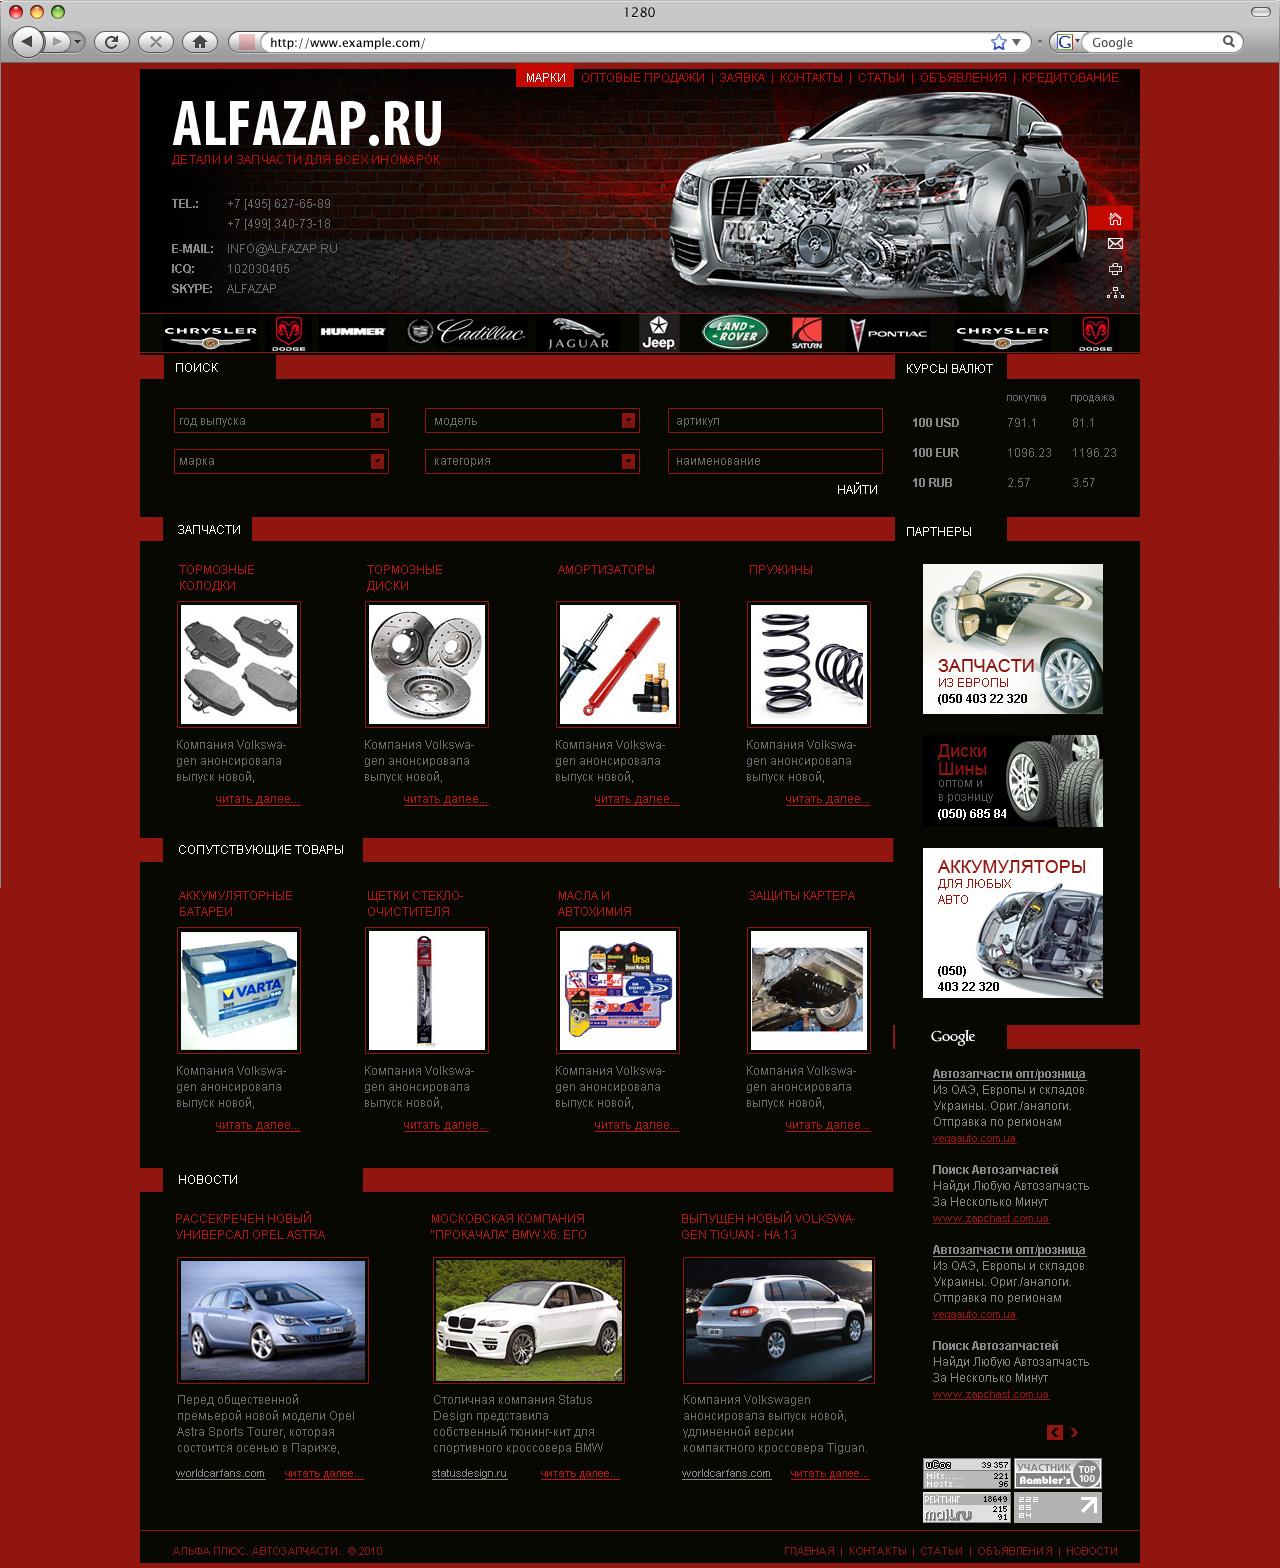 Создание сайта-каталога автозапчастей в Москве